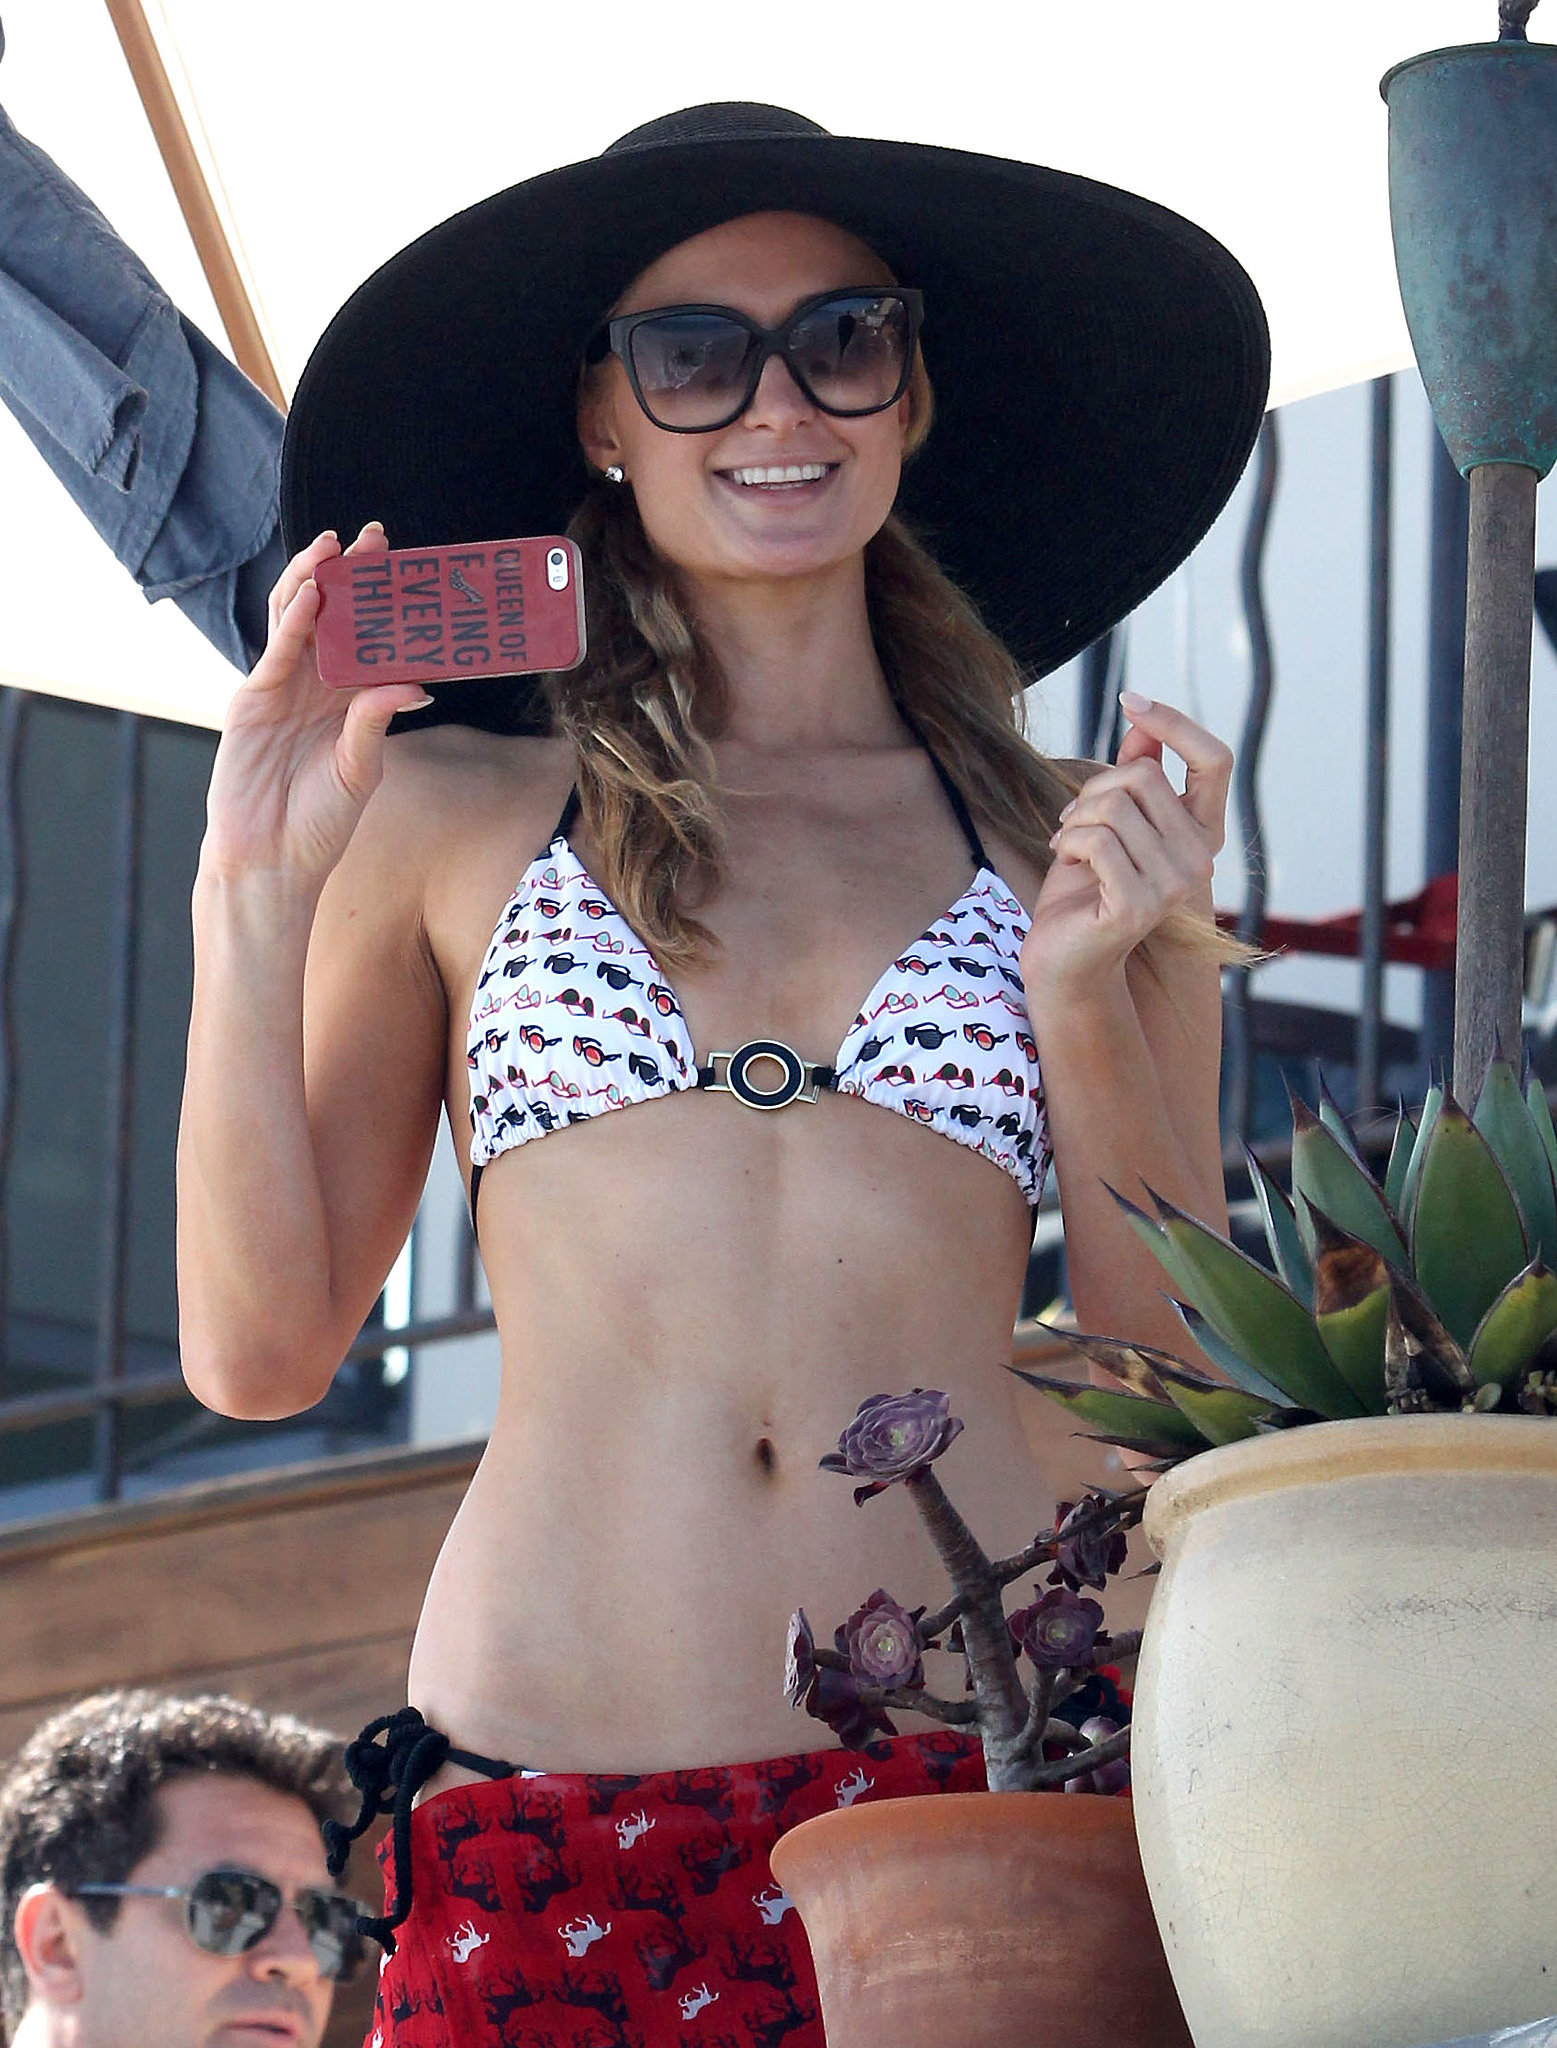 Paris Hilton's Bikini BBQ Will Give You Early 2000s Nostalgia